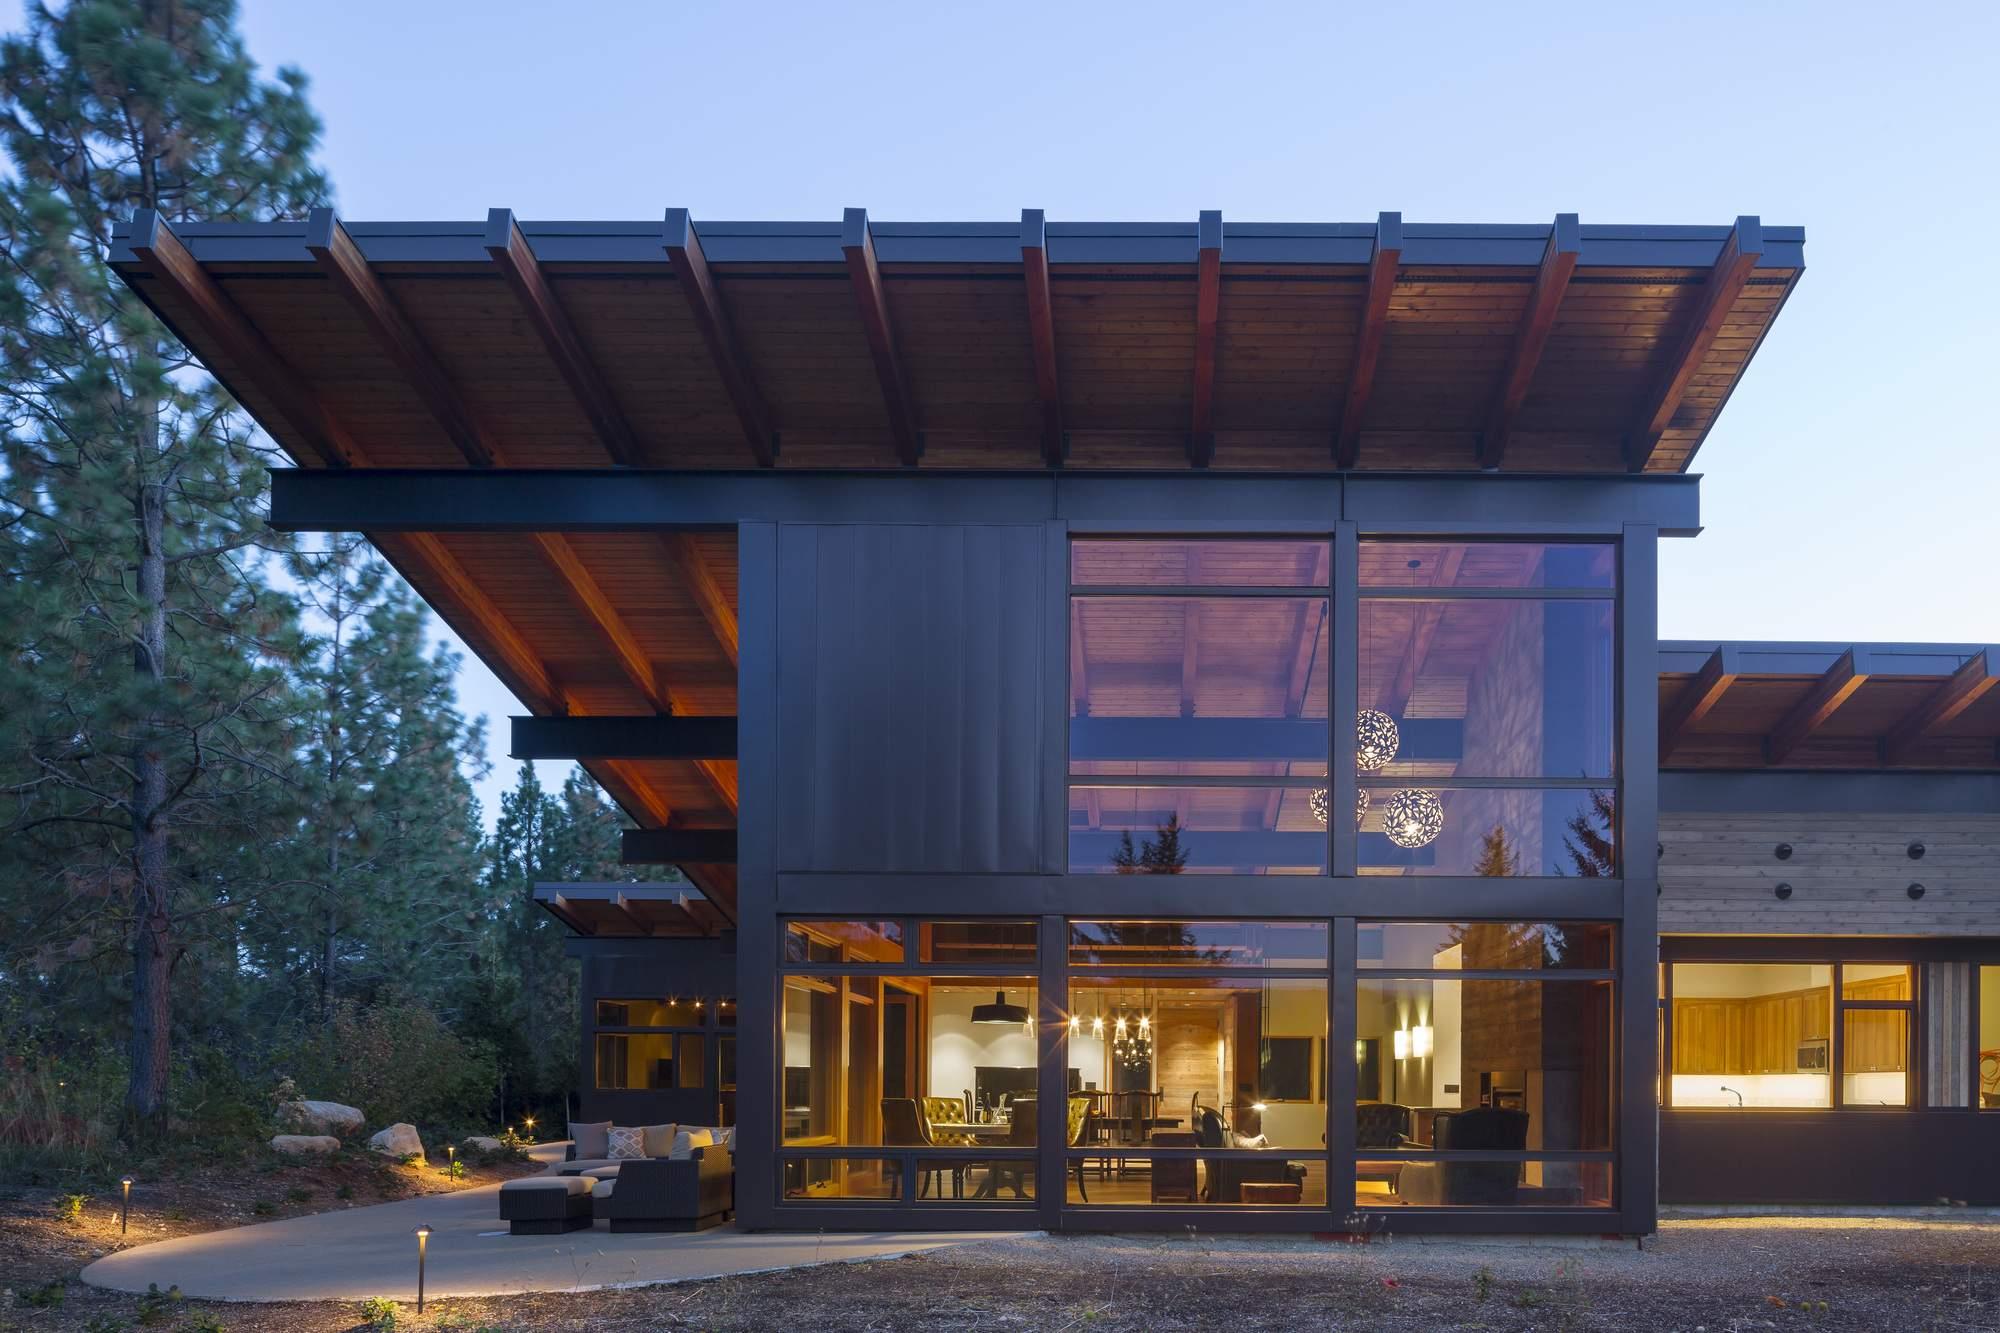 Загородный дом в зоне Каскадных гор, США